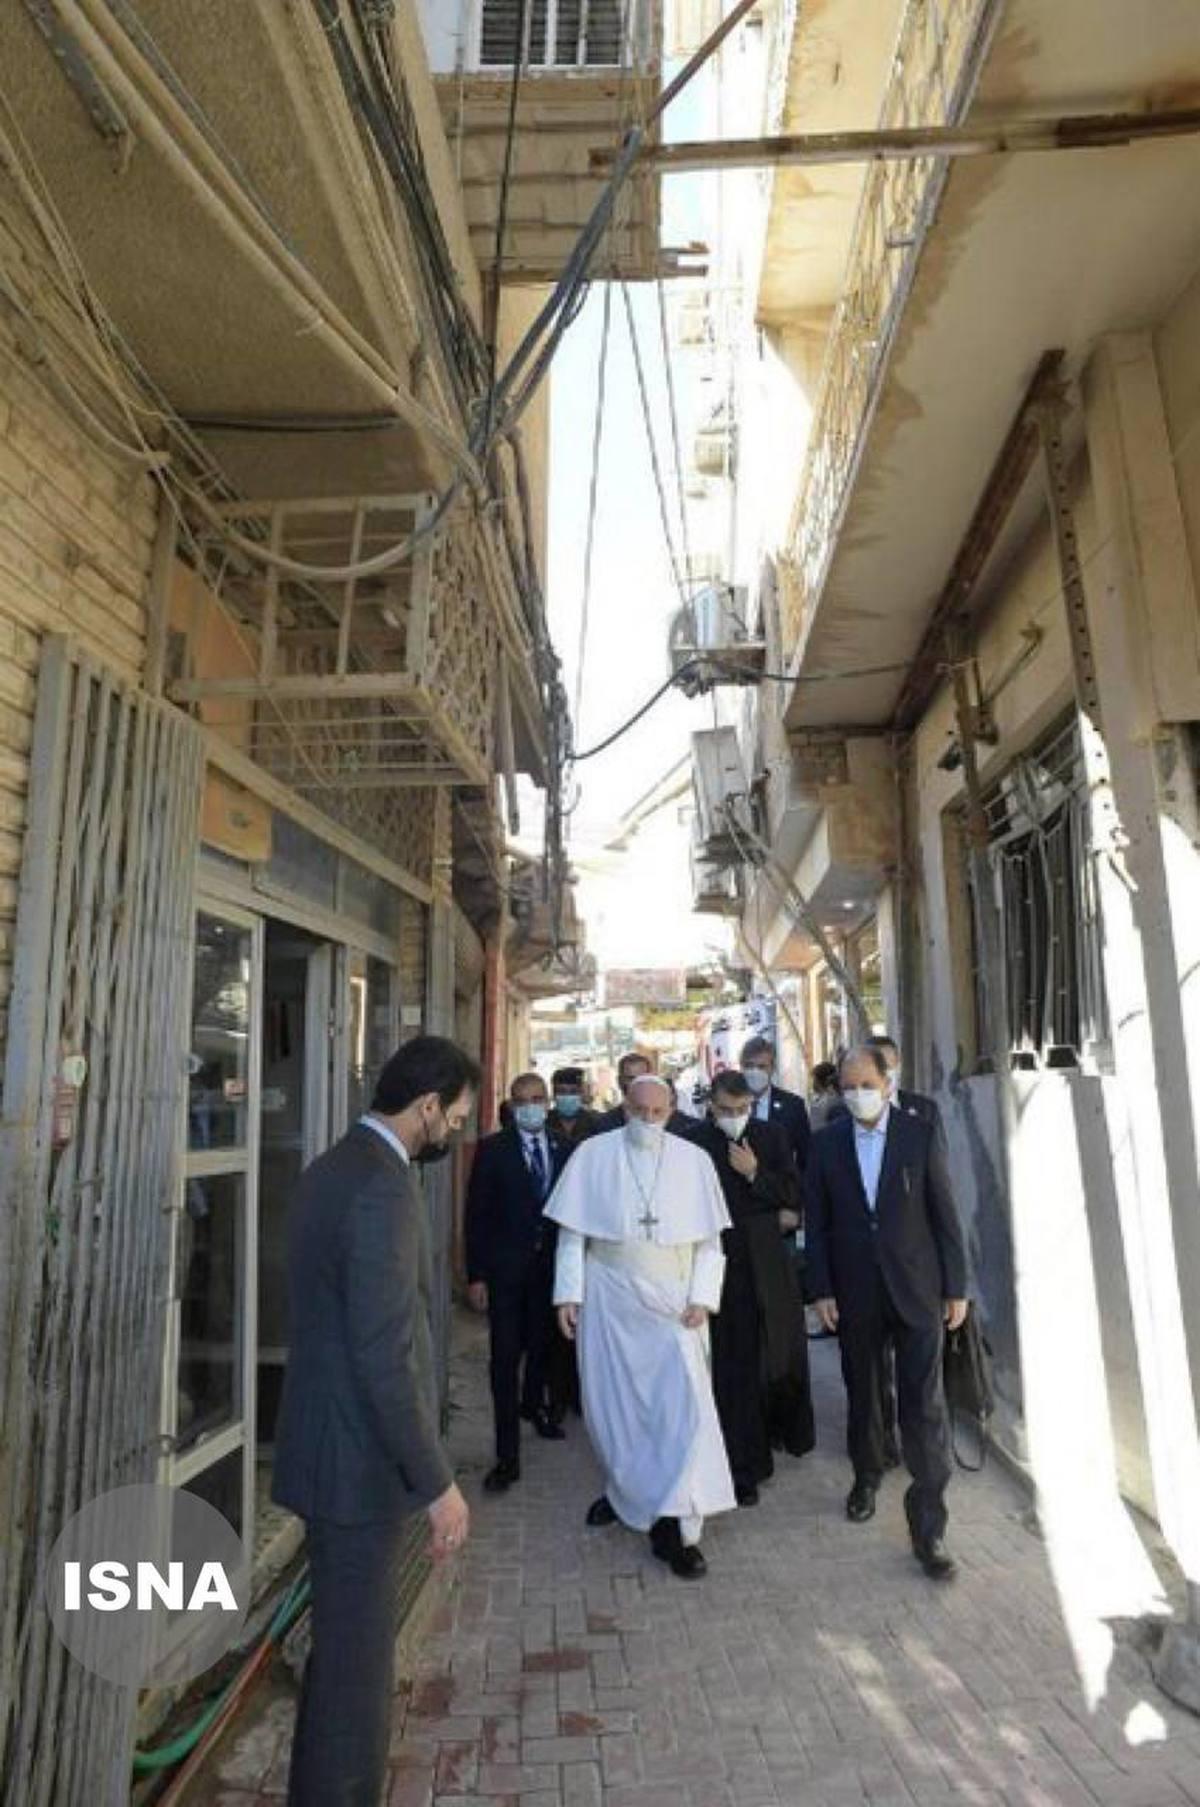 حضور پاپ در کوچه فرعی خیابان الرسول (ص) در ضلع جنوبی حرم حضرت علی (ع)